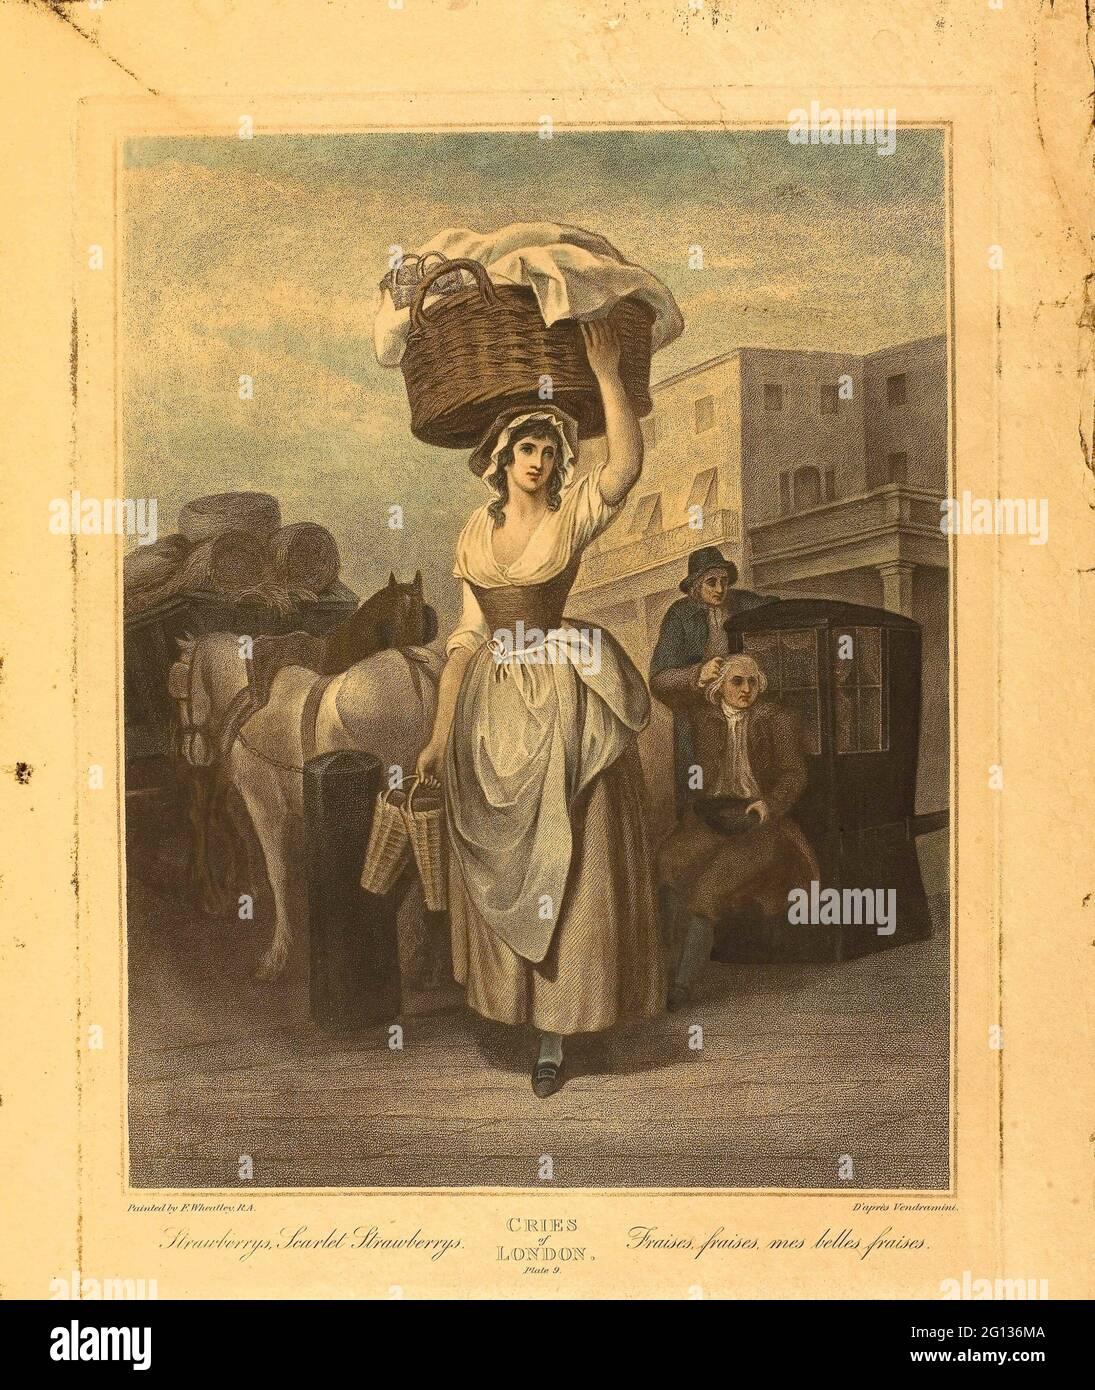 Autor: Francis Wheatley. Fresas, fresas de escarlata, Plato 9 de los gritos de Londres - 1799 - Después de Francis Wheatley English, 1747-1801. Foto de stock